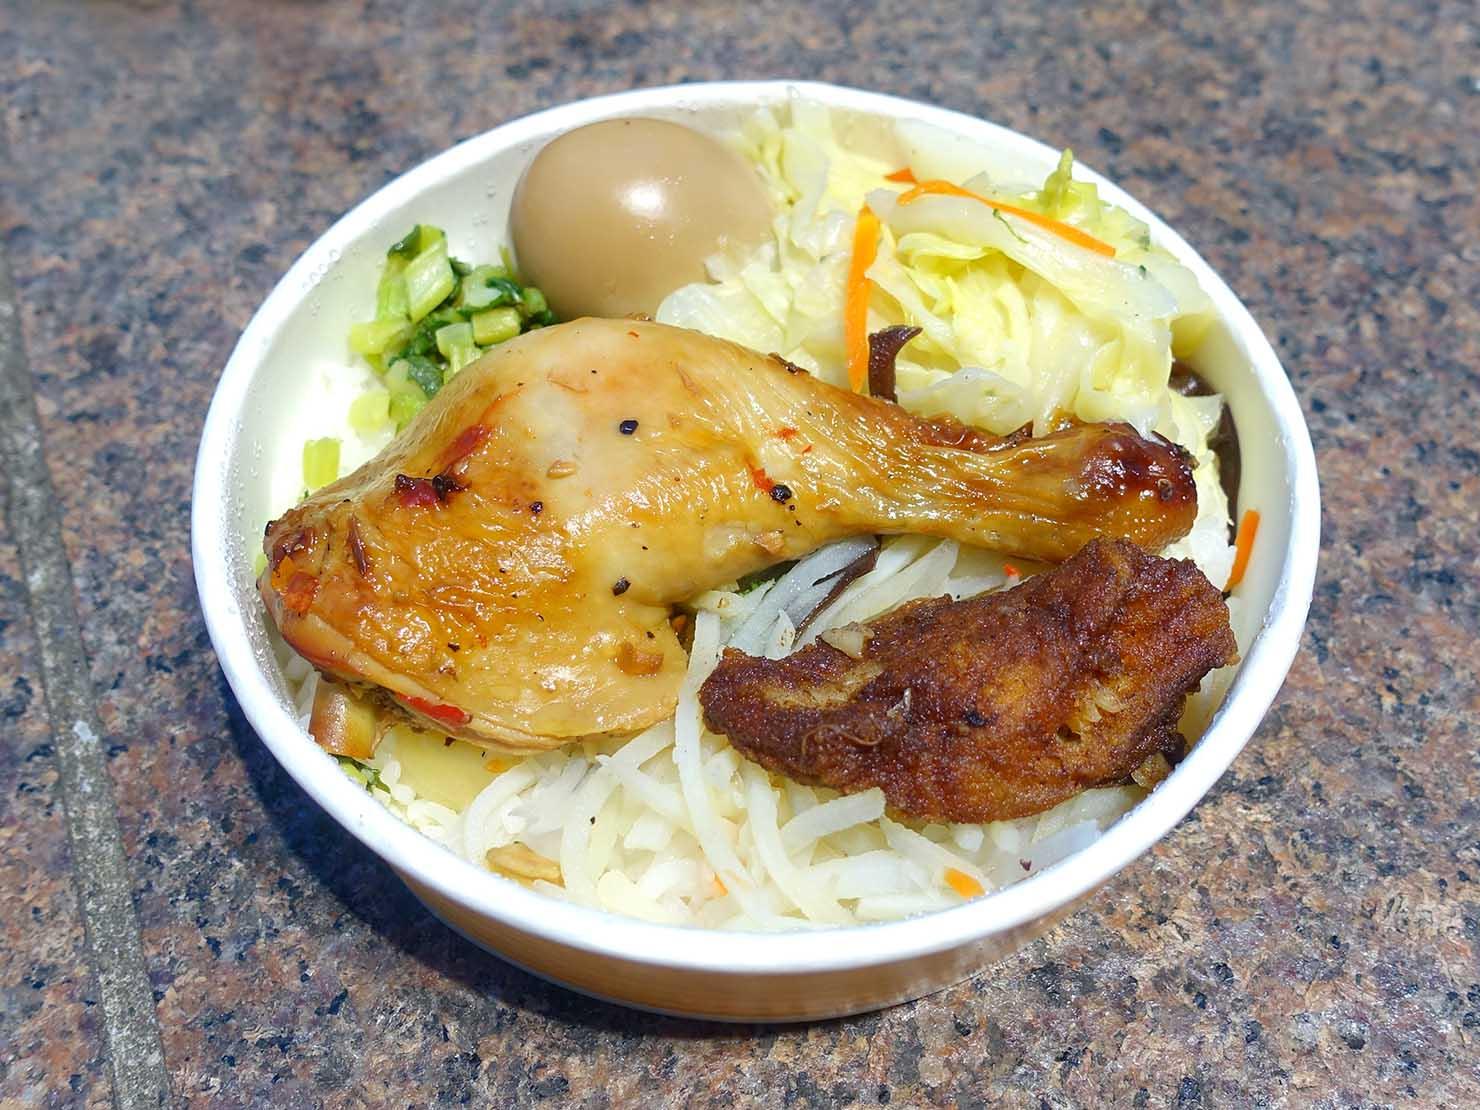 台湾版鉄道弁当・台鐵便當の「圓木雞腿便當」